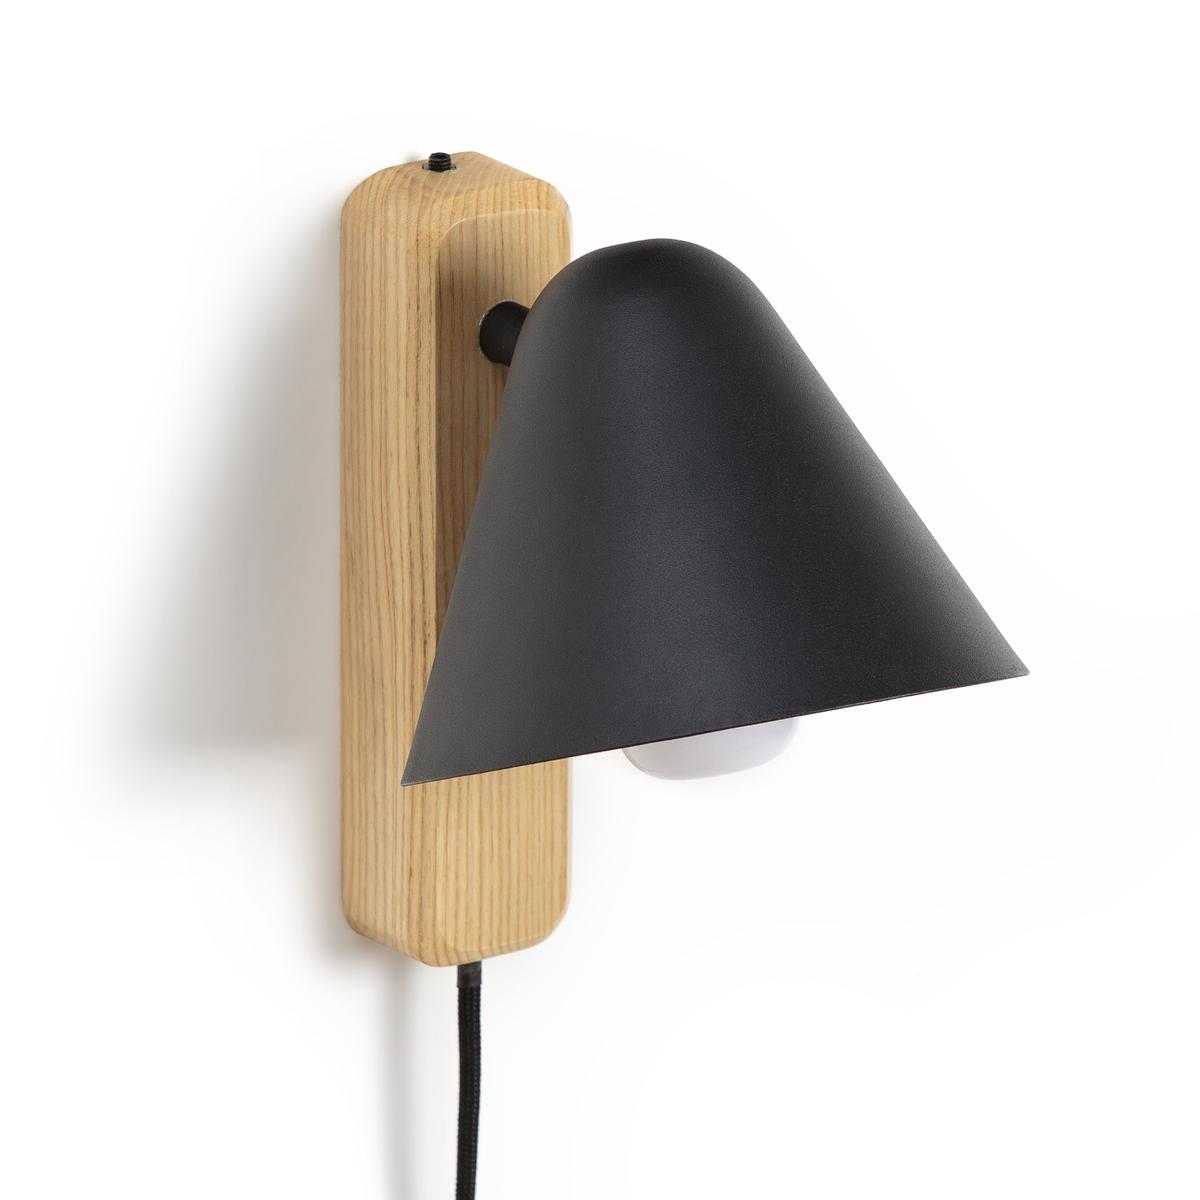 Бра La Redoute Из дерева и металла Cotapi единый размер черный